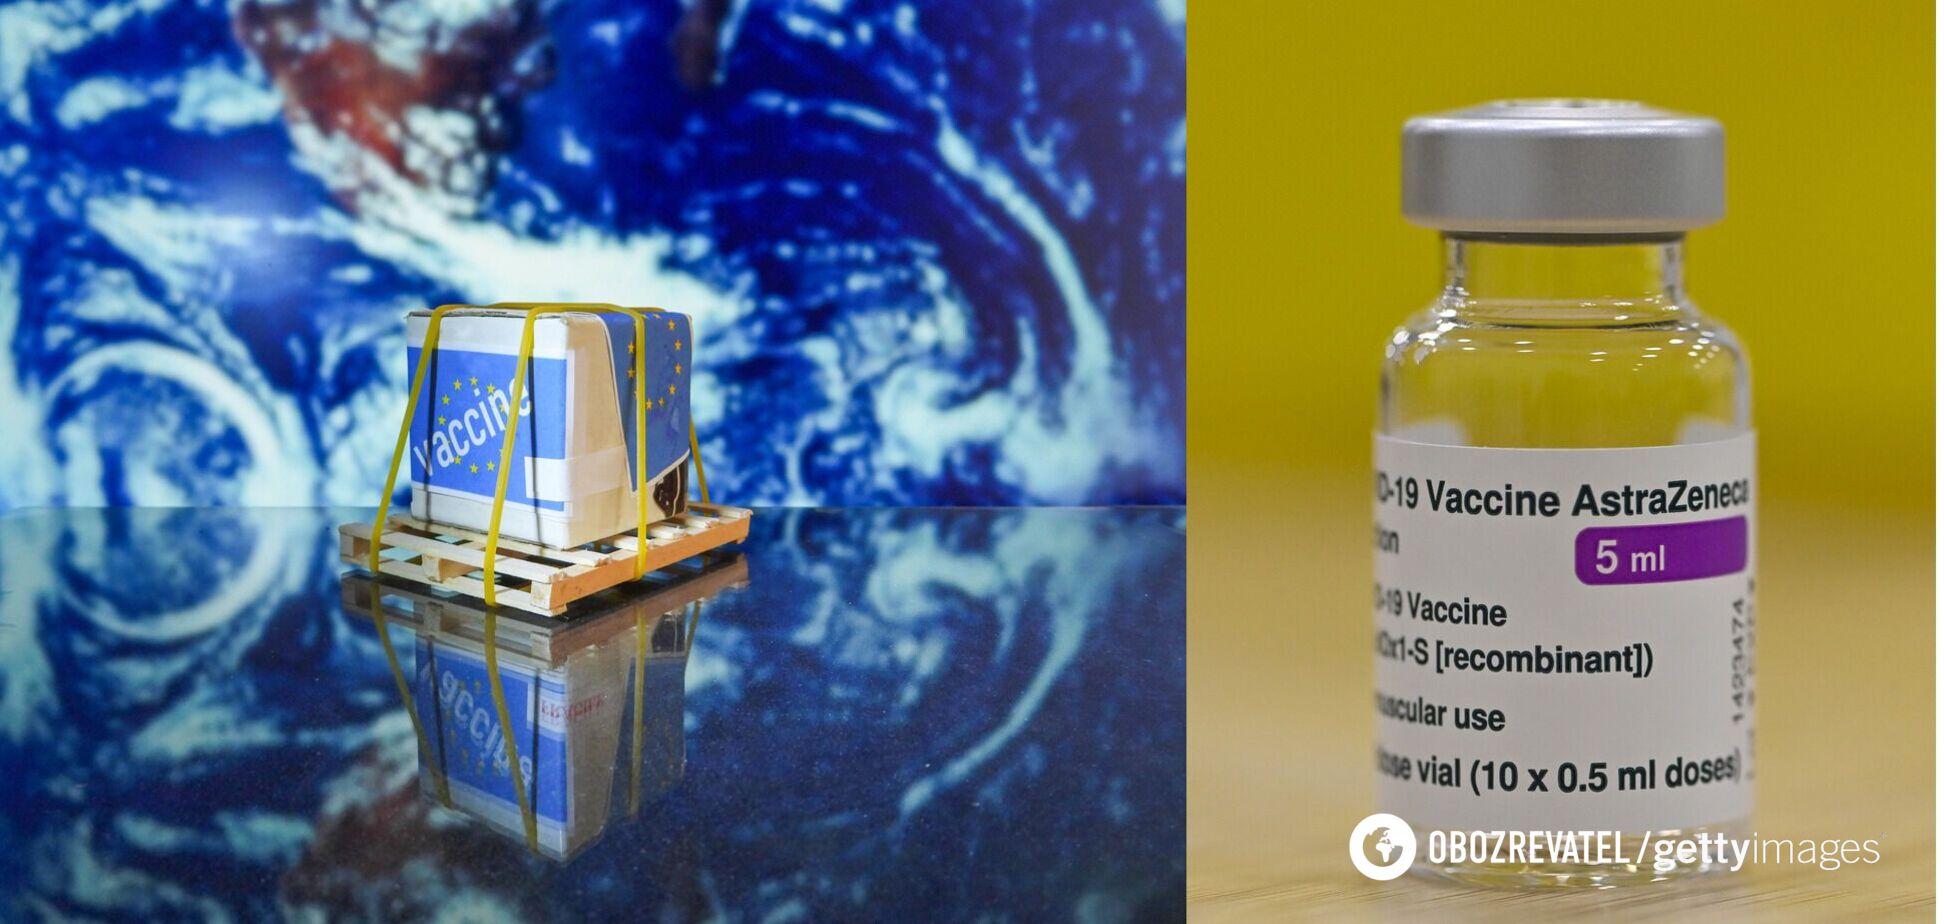 ЄС зібрався заборонити експорт вакцини від AstraZeneca в треті країни